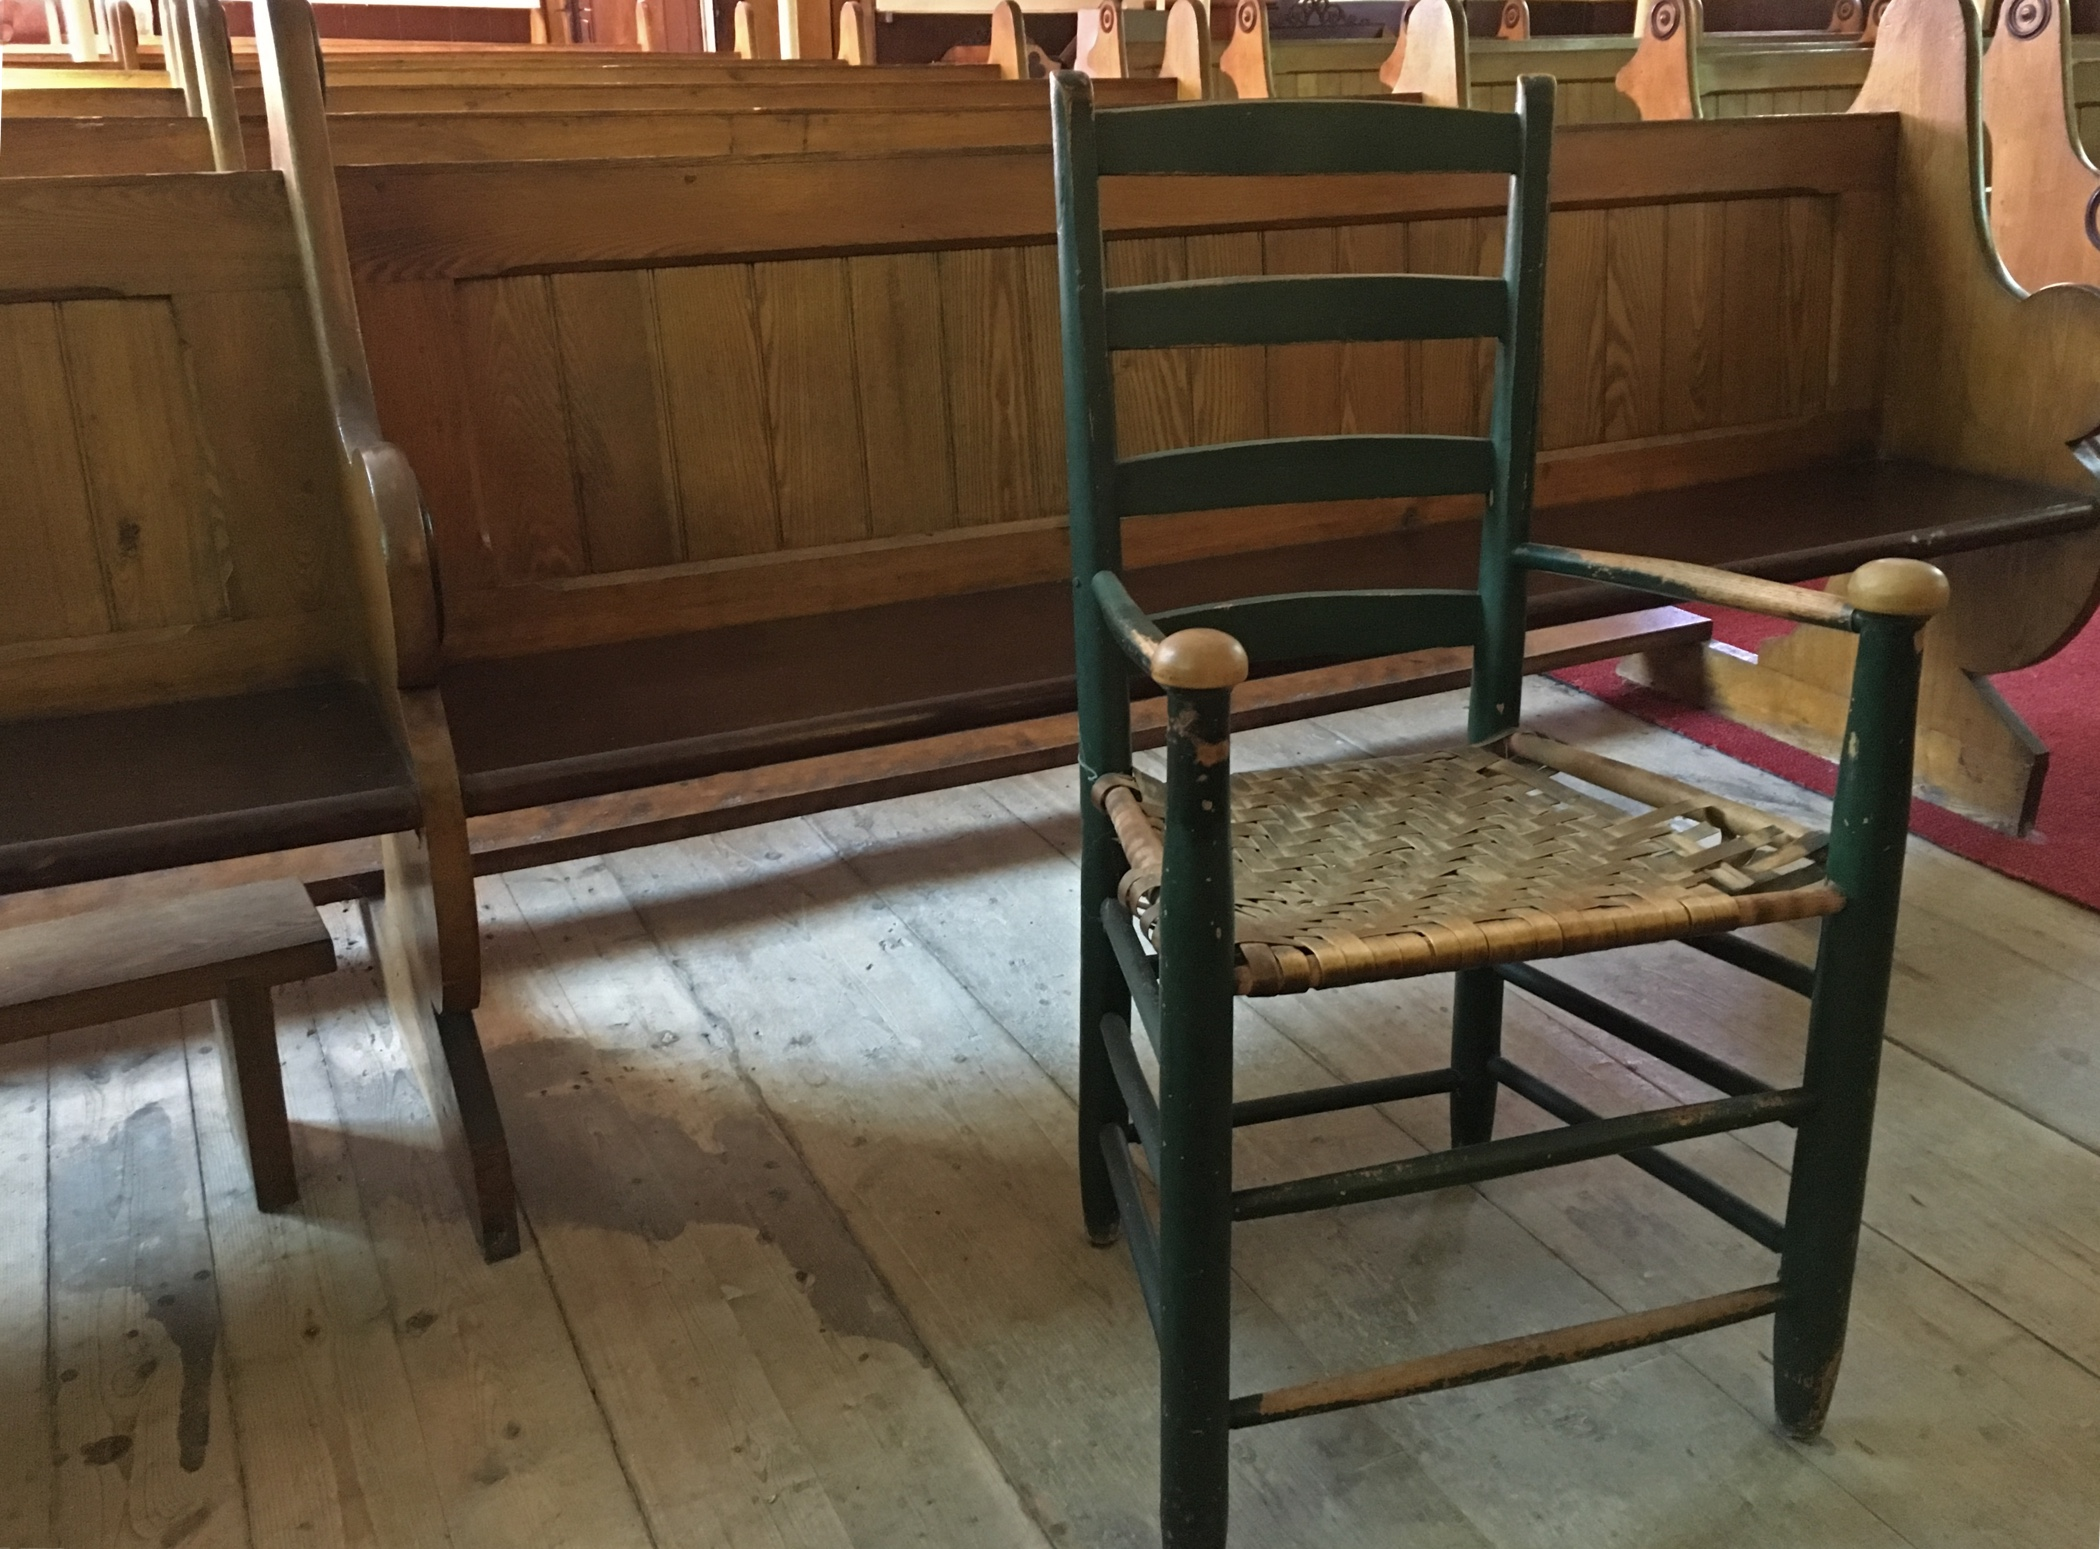 Photographie couleur d'une chaise en bois avec un siège à lattes, peinte en vert, dont on peut constater la vétusté par les lattes détachées du cadre sur un côté du siège ainsi que la peinture écaillée sur les appuie-mains des accoudoirs. La chaise se trouve devant une rangée de bancs d'église en bois. On aperçoit une surface du vieux plancher de bois franc brut.